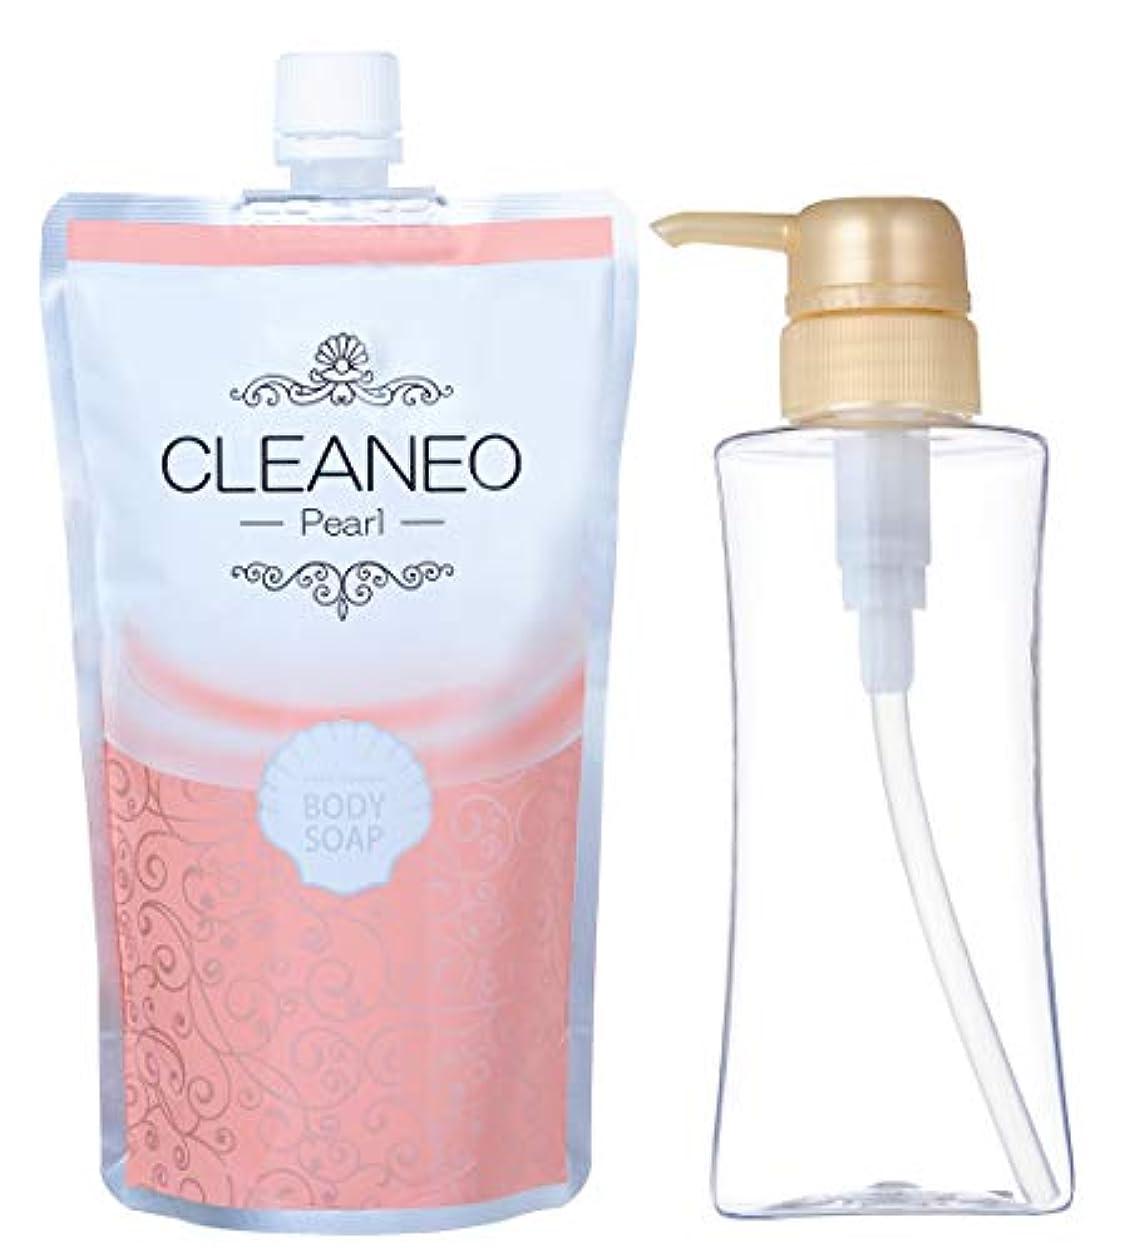 奪うスタウト香水クリアネオ公式(CLEANEO) パール オーガニックボディソープ?透明感のある美肌へ(詰替300ml+専用ボトルセット)